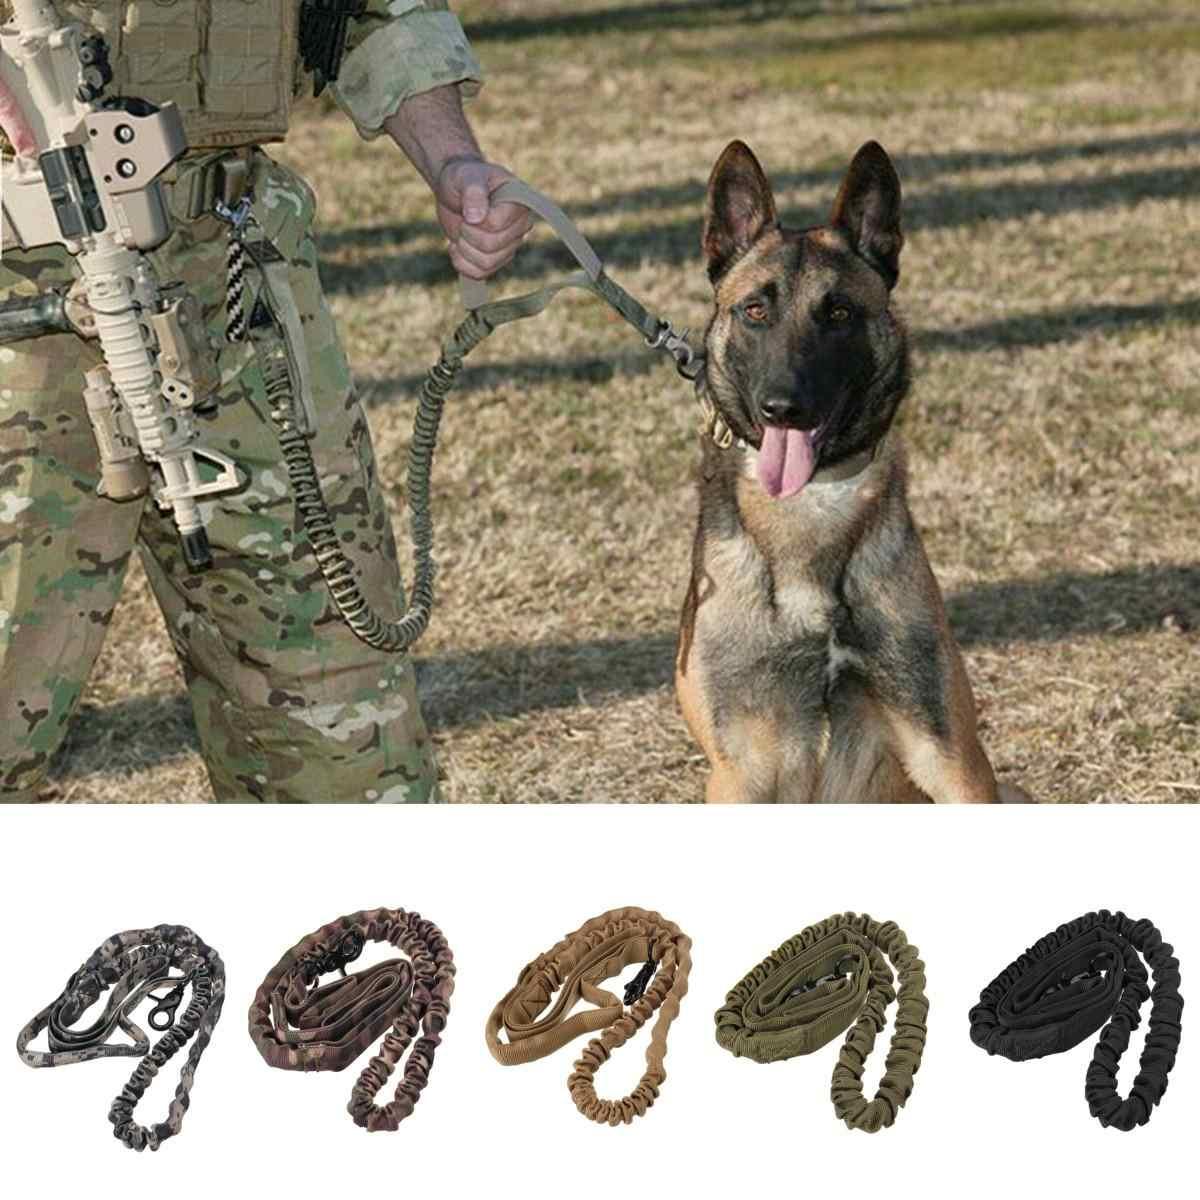 Армейский Тактический поводок для собак нейлоновая Натяжная поводки домашнее животное военный поводок для тренировок поводок для бега для средних больших собак